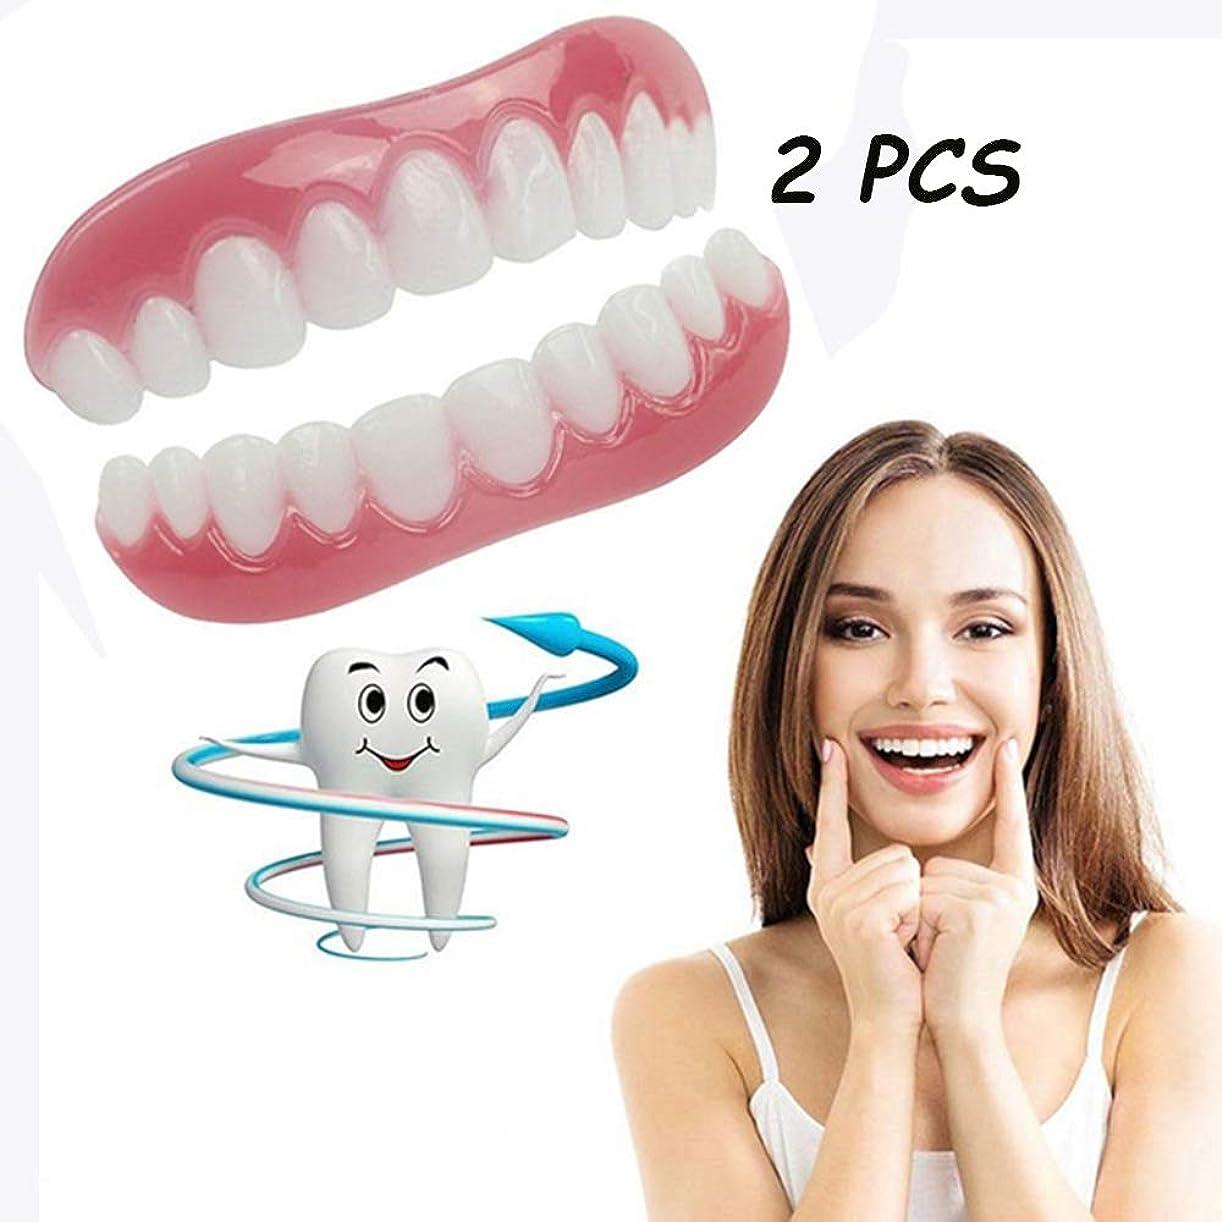 手配する医薬幾分2ピースホワイトニング歯上下のバヨネットフレックス化粧品化粧品歯一時的な笑顔ベニヤ歯科健康オーラルケア